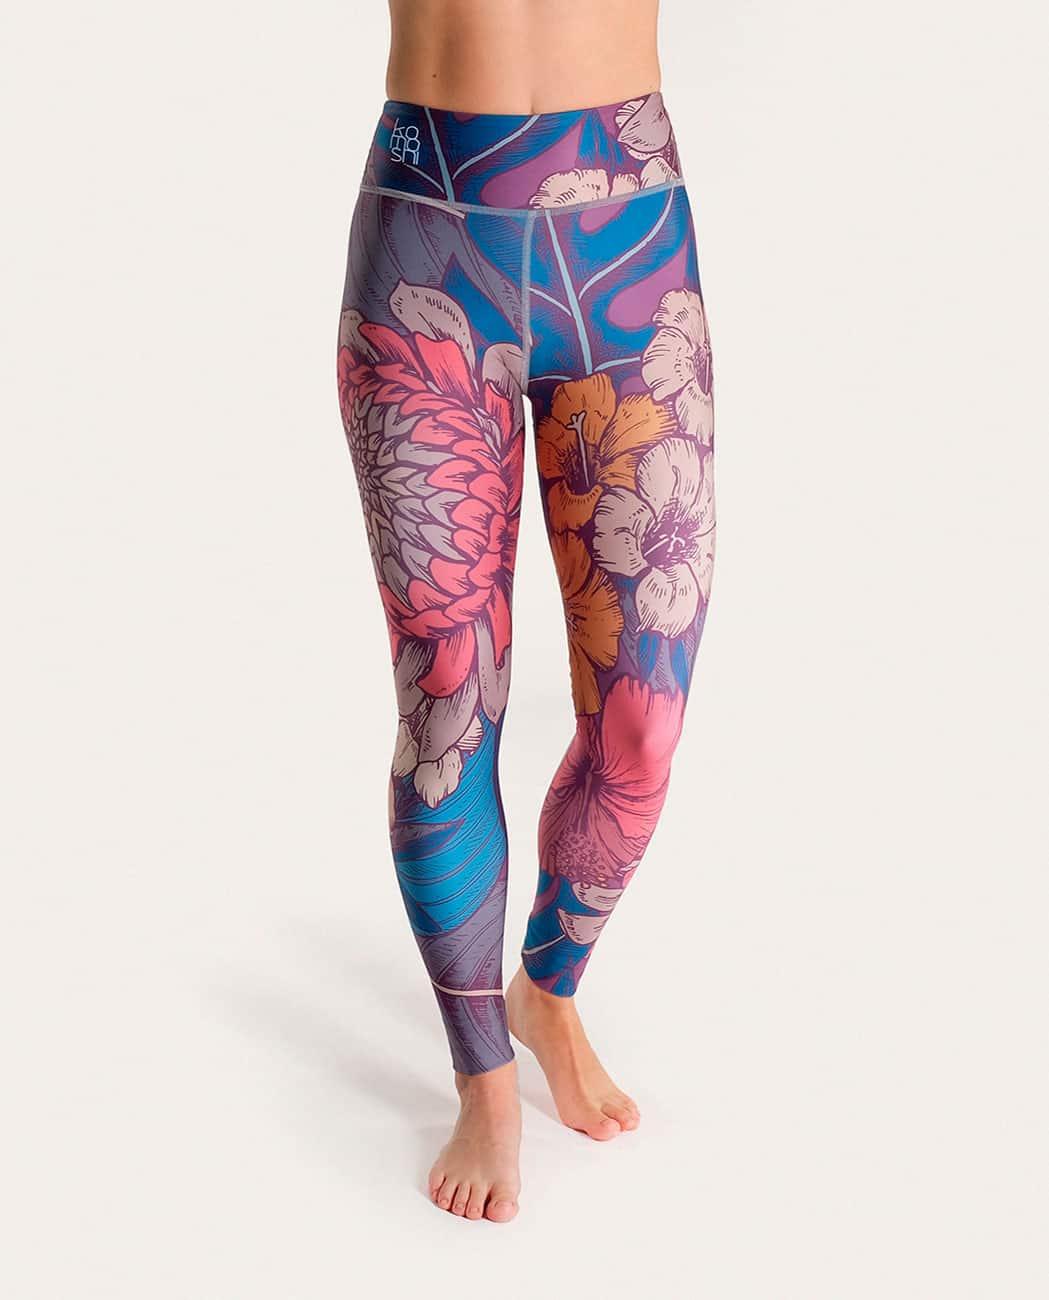 Blossom Yoga Leggings Komoshi Front